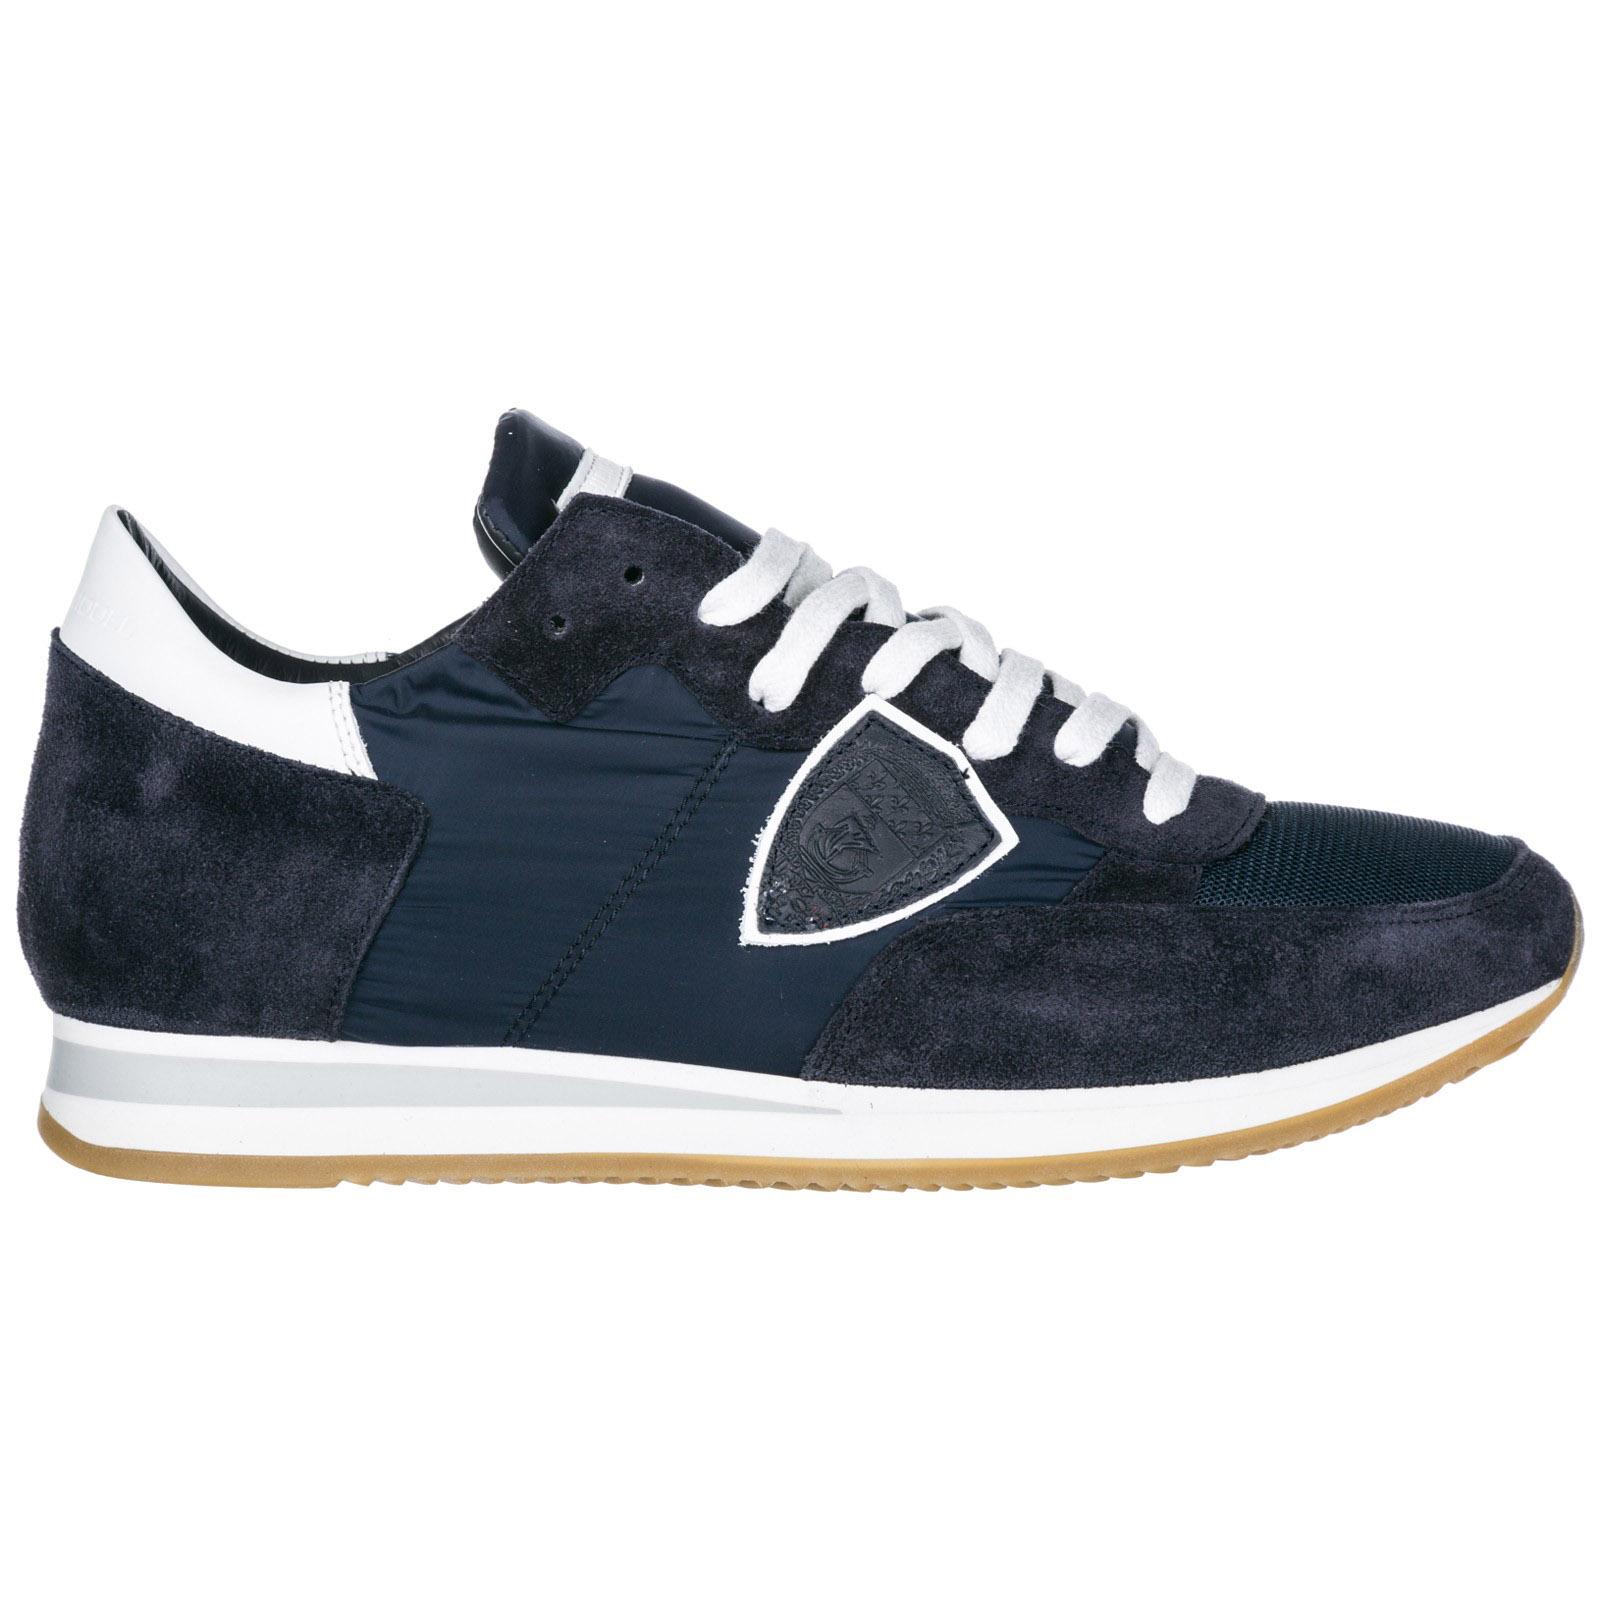 Sneakers Herren Herrenschuhe Wildleder Tropez Schuhe rdWQxoCBe